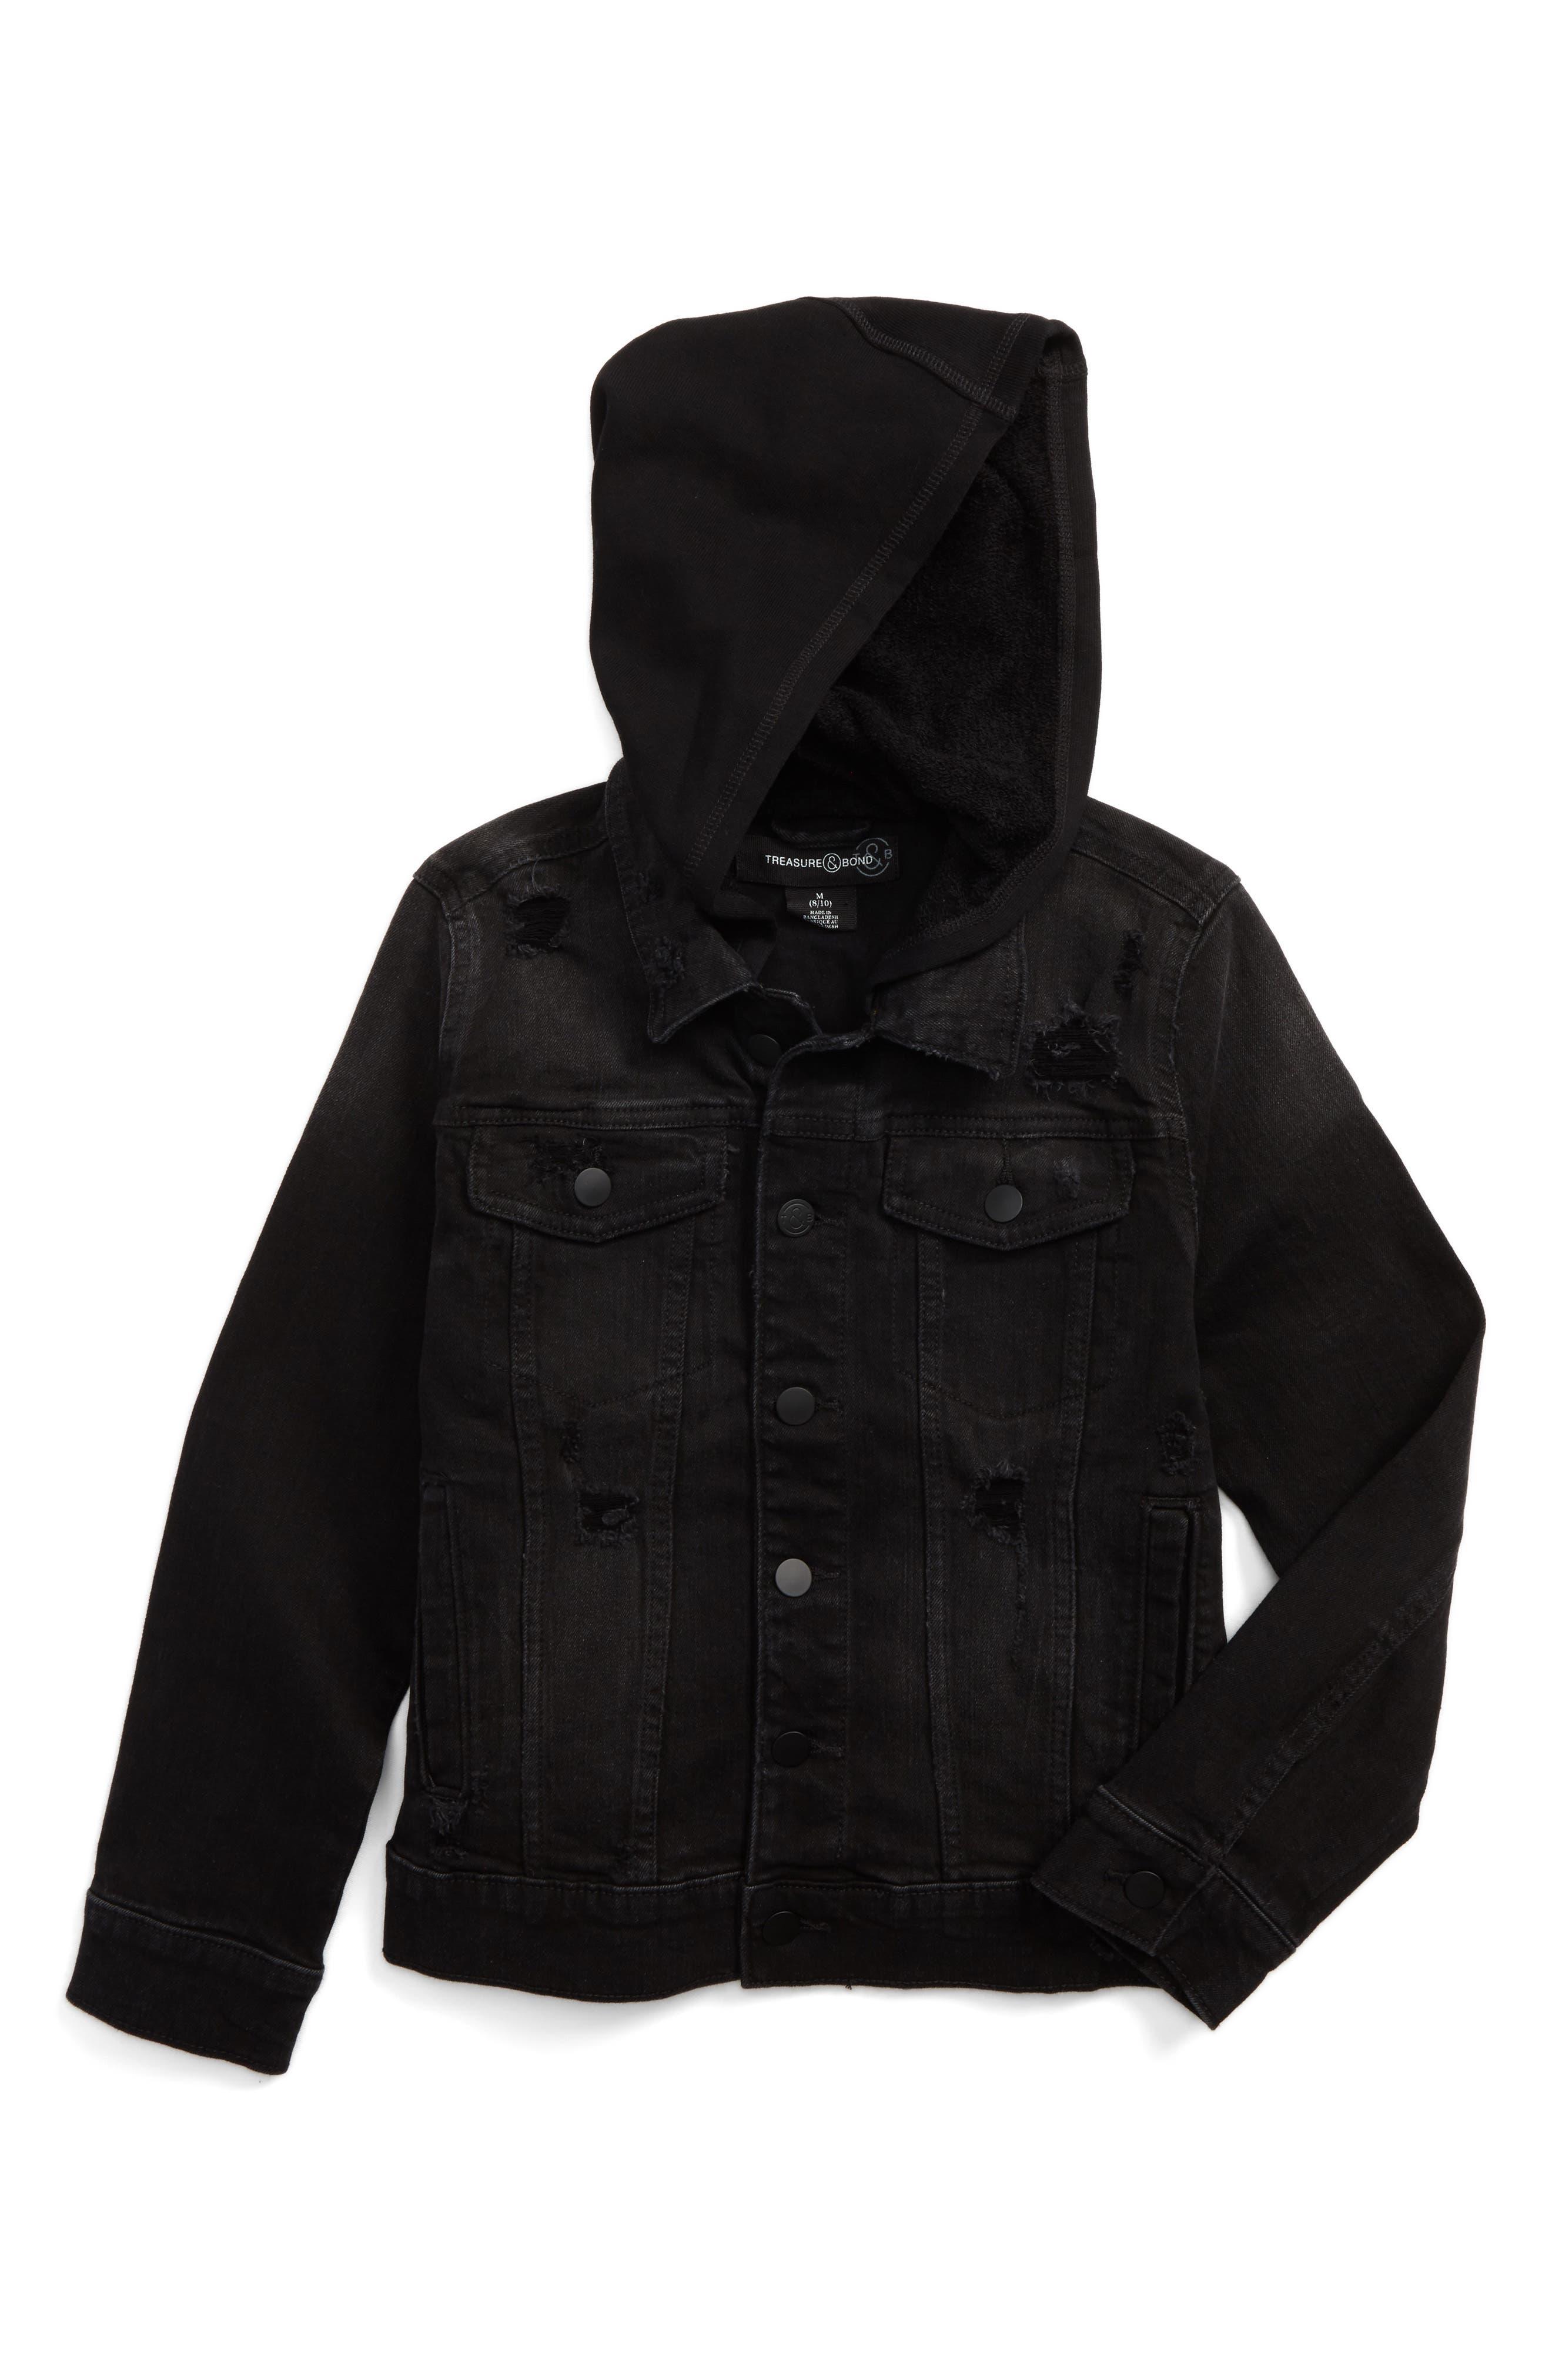 TREASURE & BOND Distressed Denim Hooded Jacket